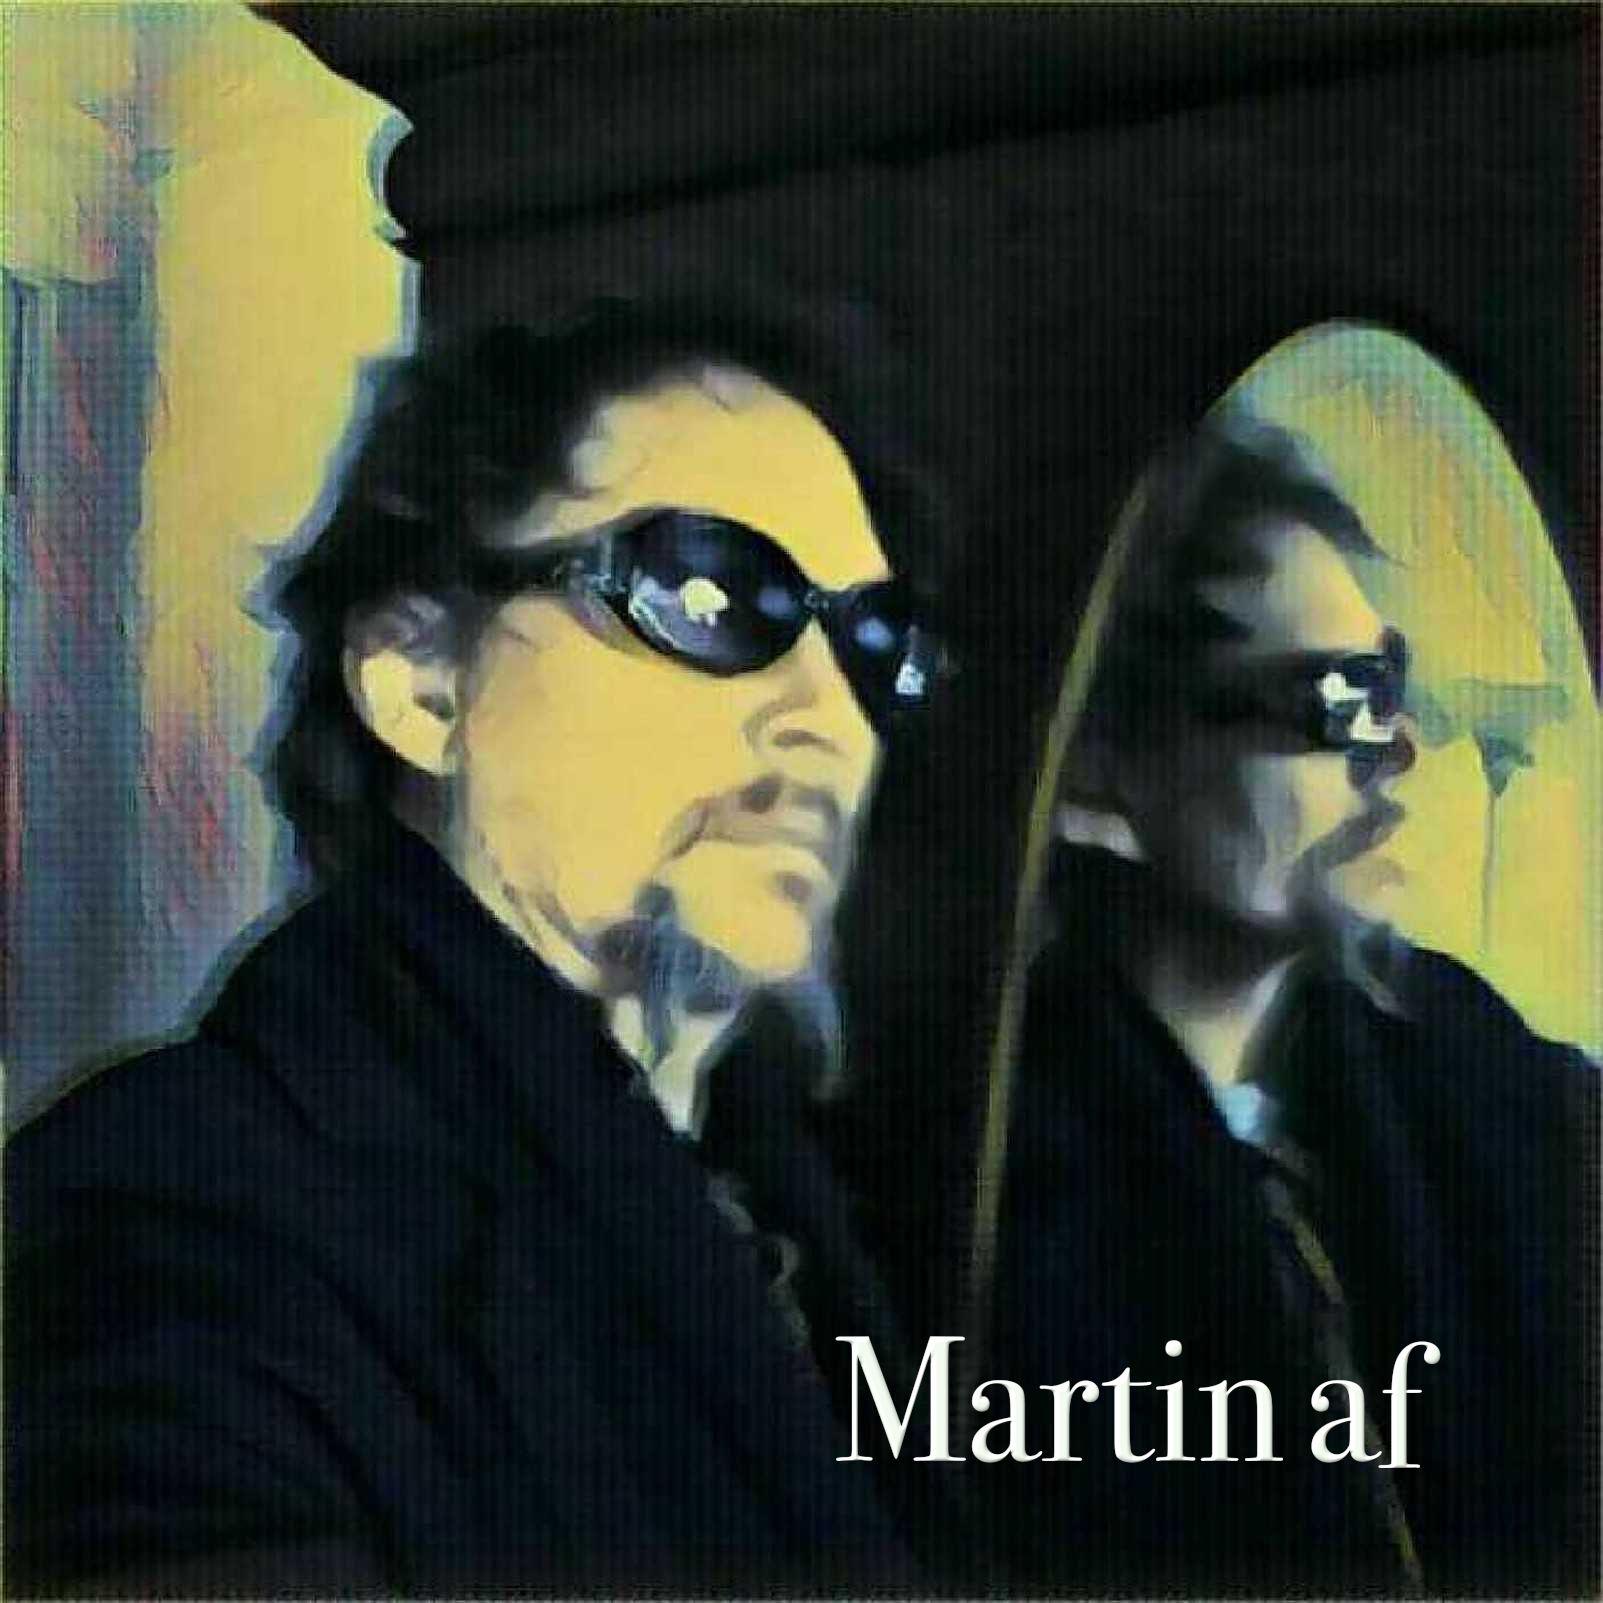 Martin af